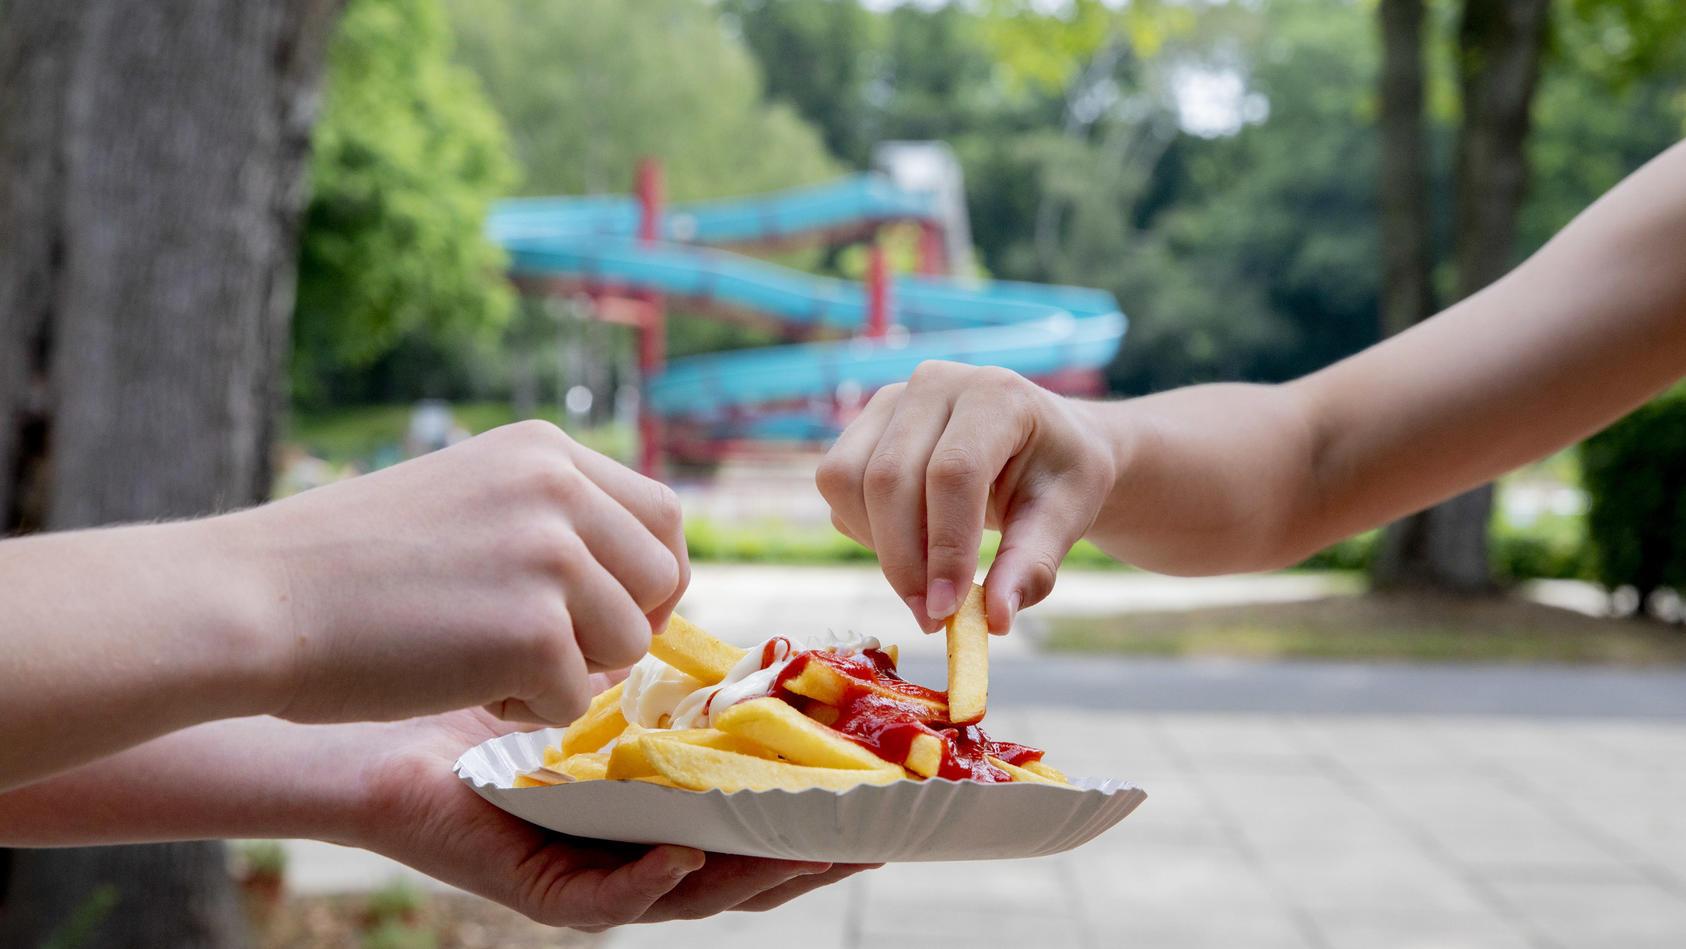 Pommes-Heißhunger im Freibad